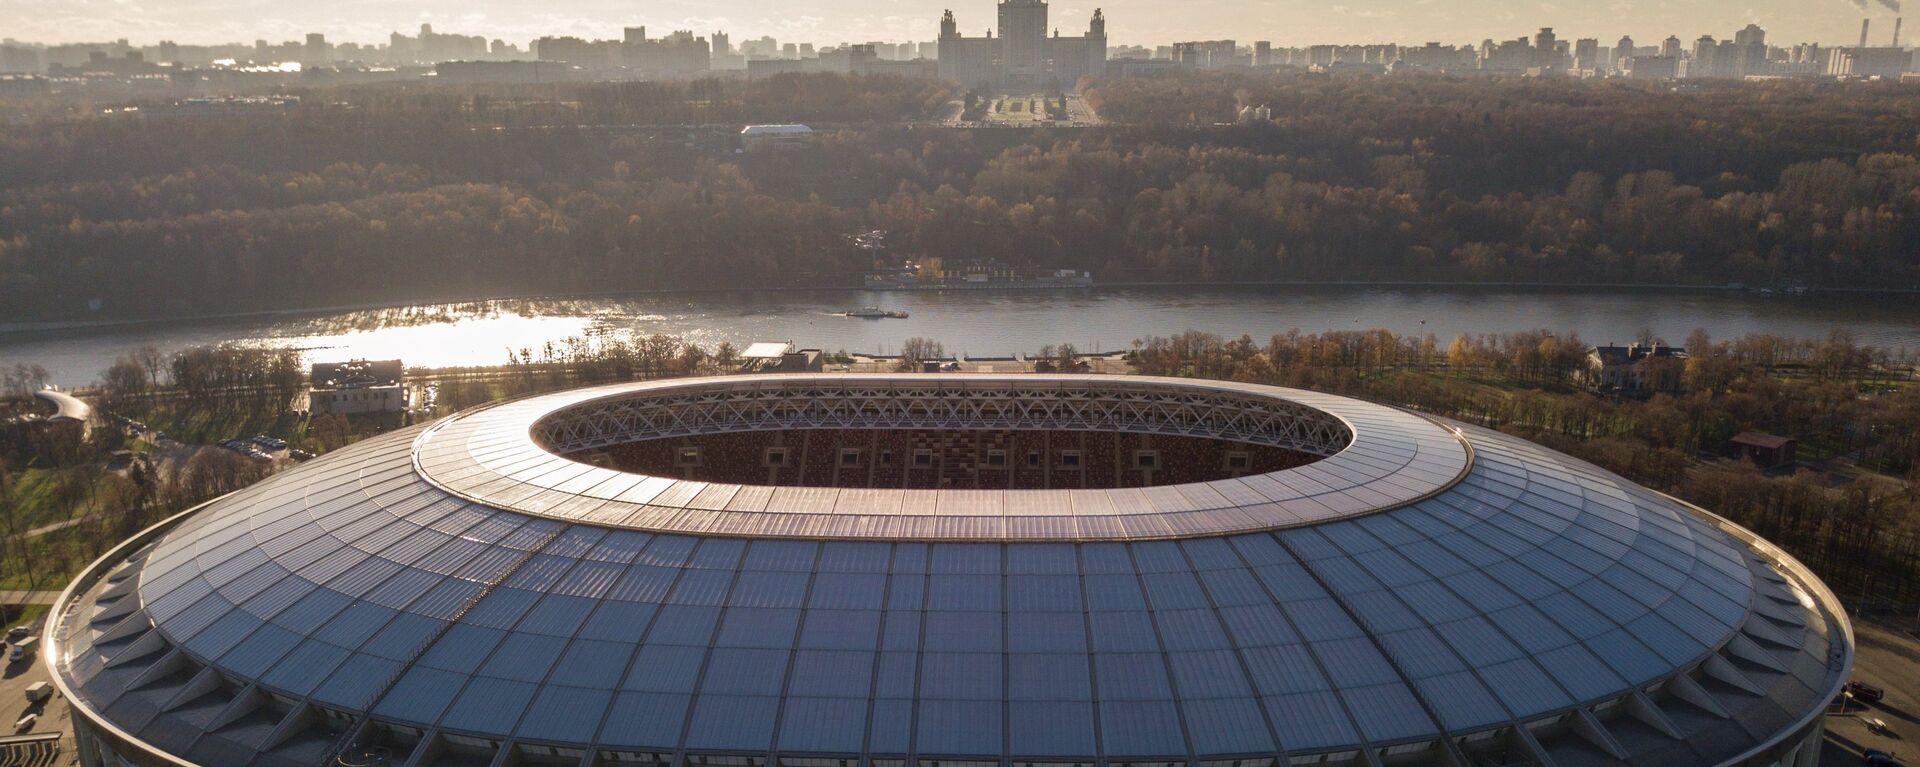 Стадион Лужники в Москве - Sputnik Тоҷикистон, 1920, 07.07.2021